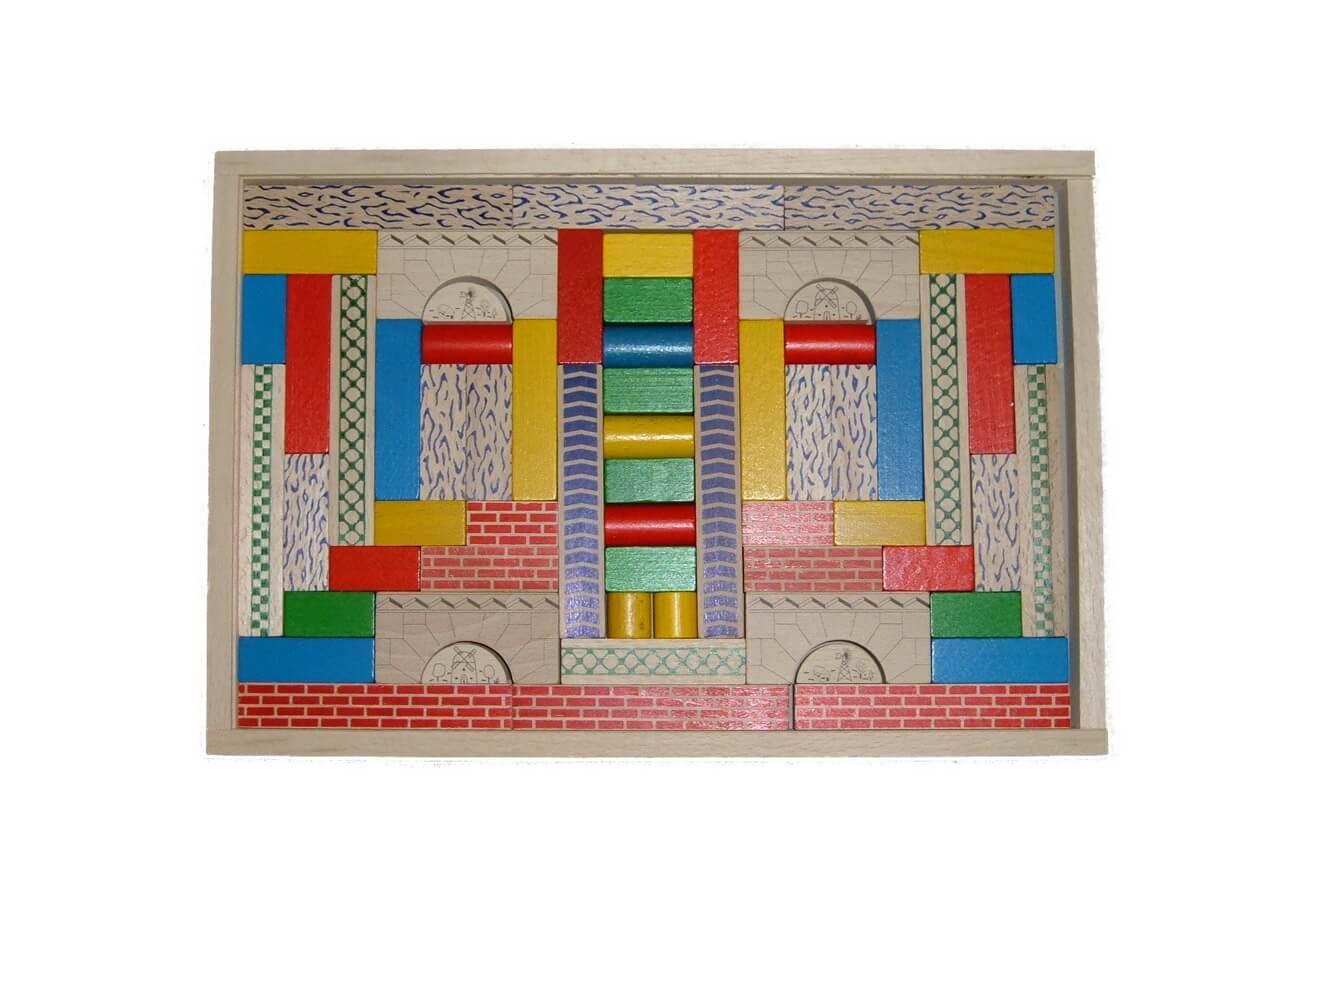 Der Baukasten Junior 1 enthält 61 Bausteine. Mit diesen farblich ganz unterschiedlich gestalteten Bauklötzen lassen richtig tolle Brücken und ähnliche Objekte …